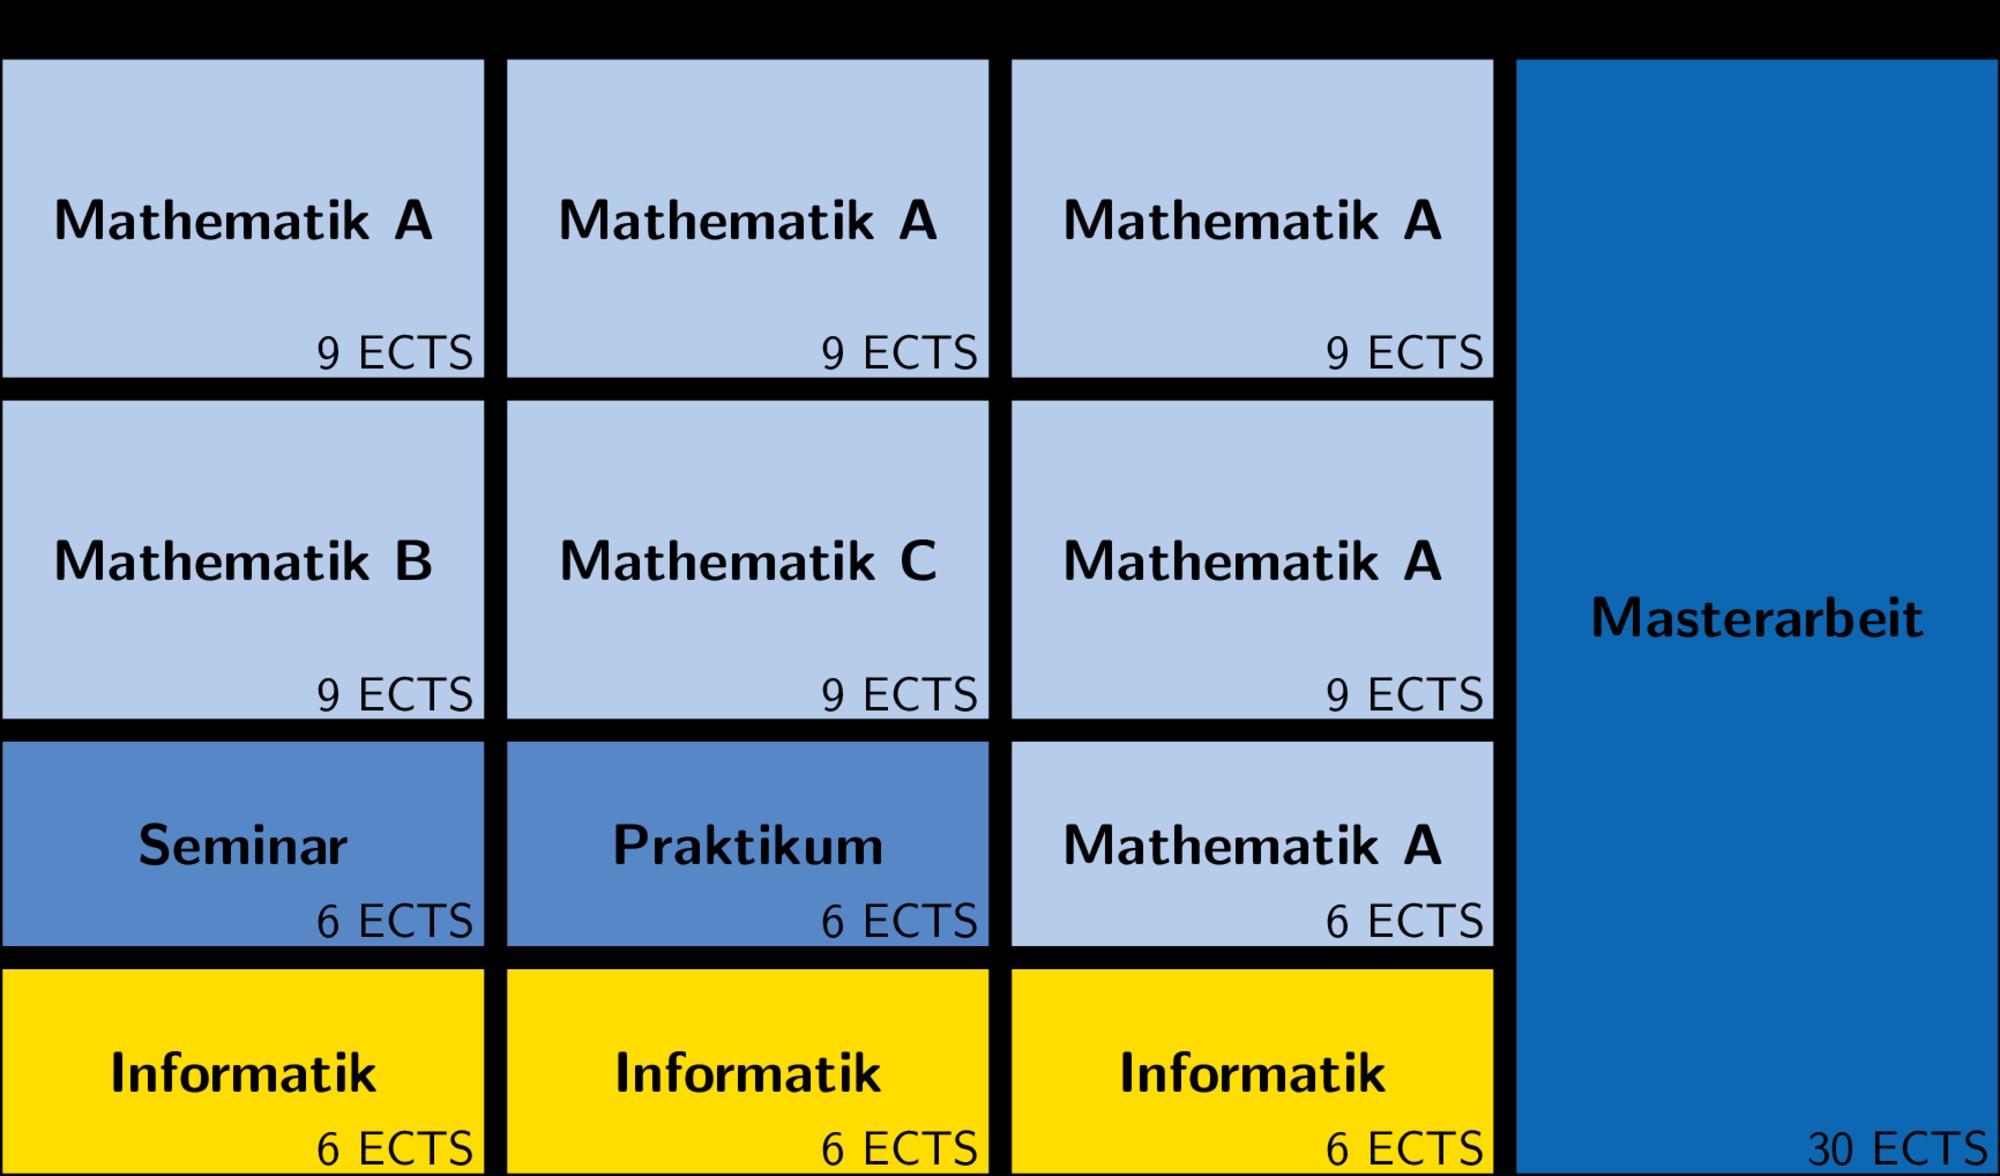 https://opencms.uni-stuttgart.de/fak8/fakultaet/studium/abbildungen/abbildungen_mathematik/Beispiel_1_Studienverlauf_Master_Mathematik.png